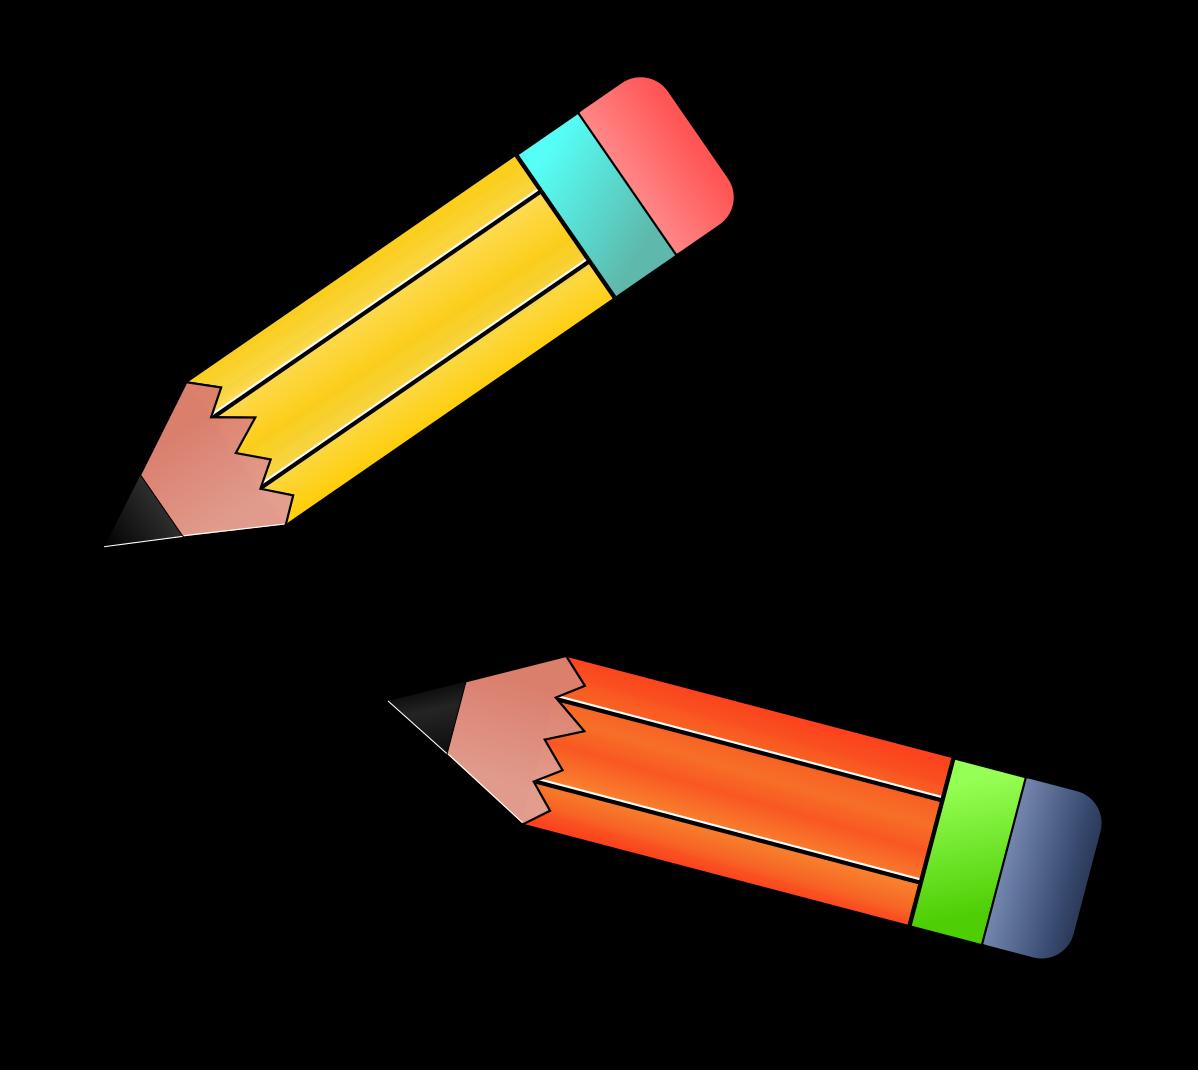 Pencils clipart simple. Pencil drawing clip art